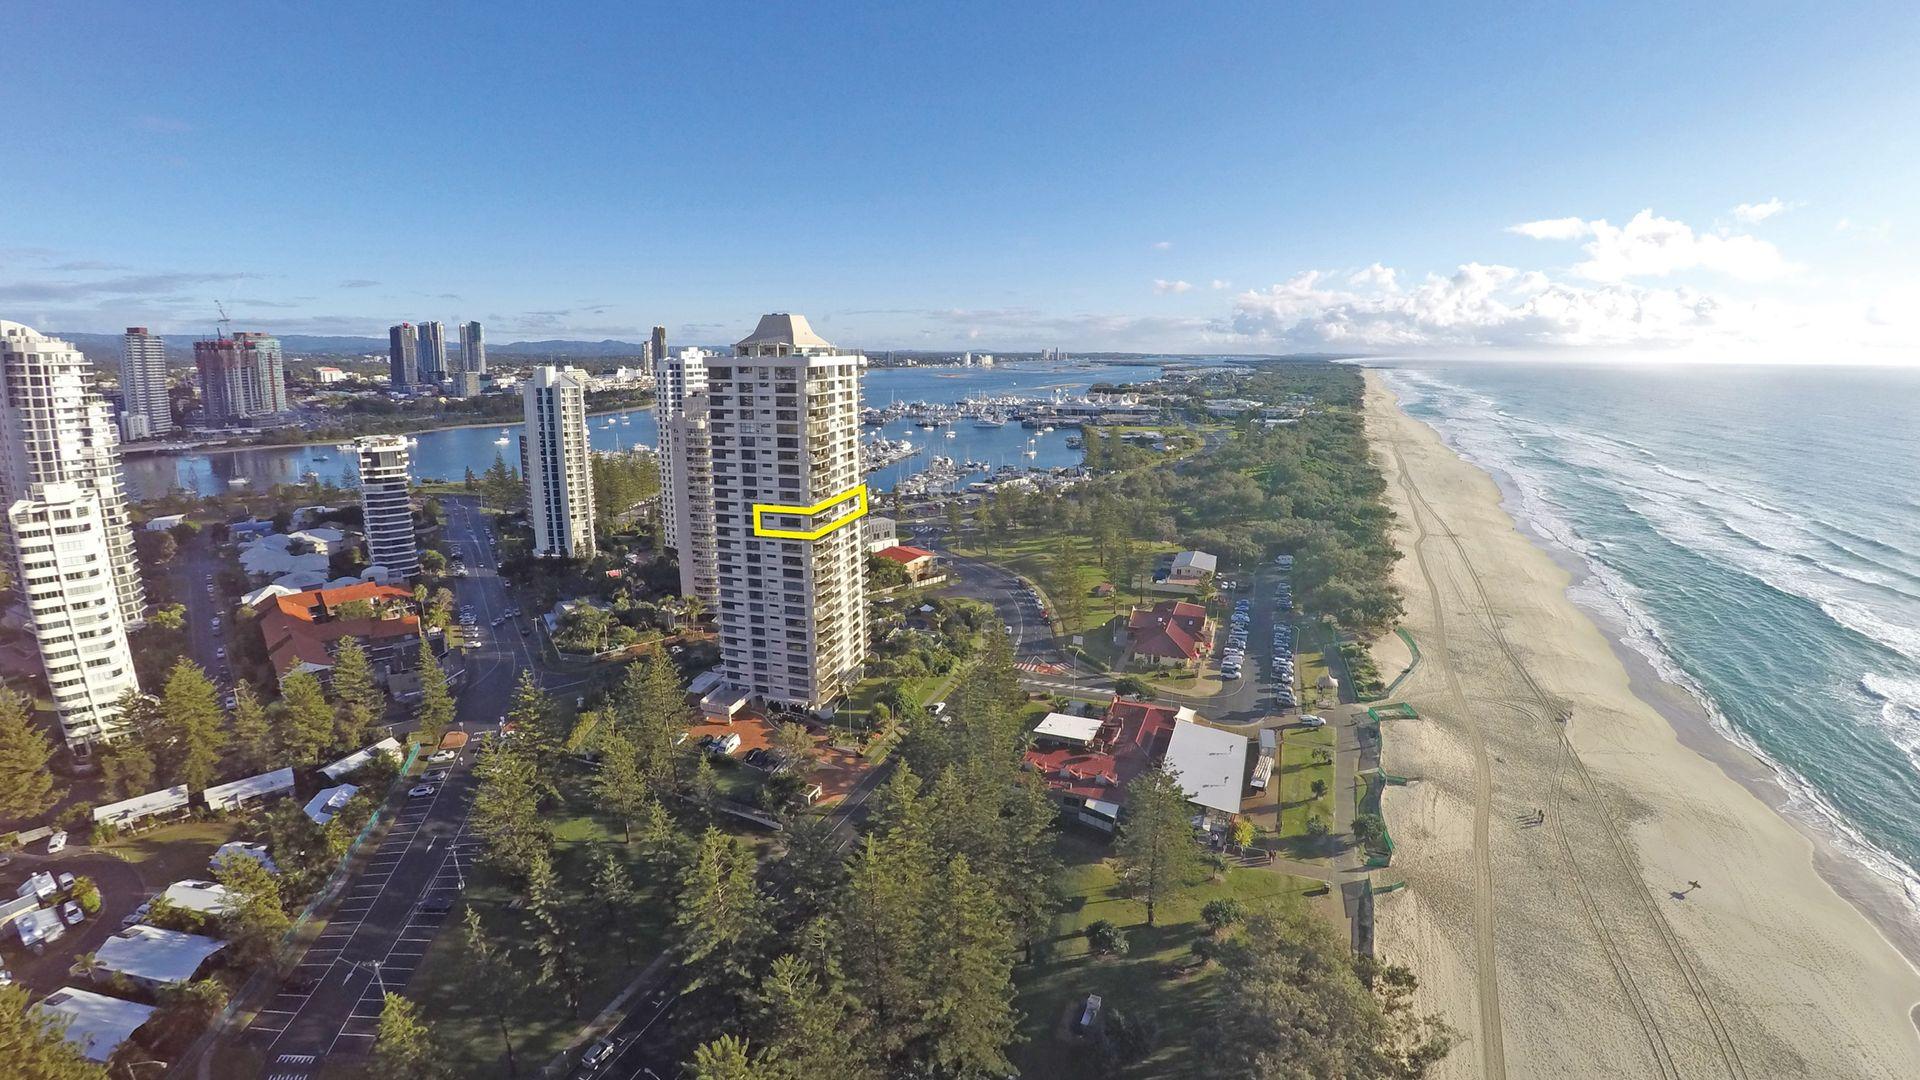 65/3645 Main Beach Parade, Main Beach QLD 4217, Image 1